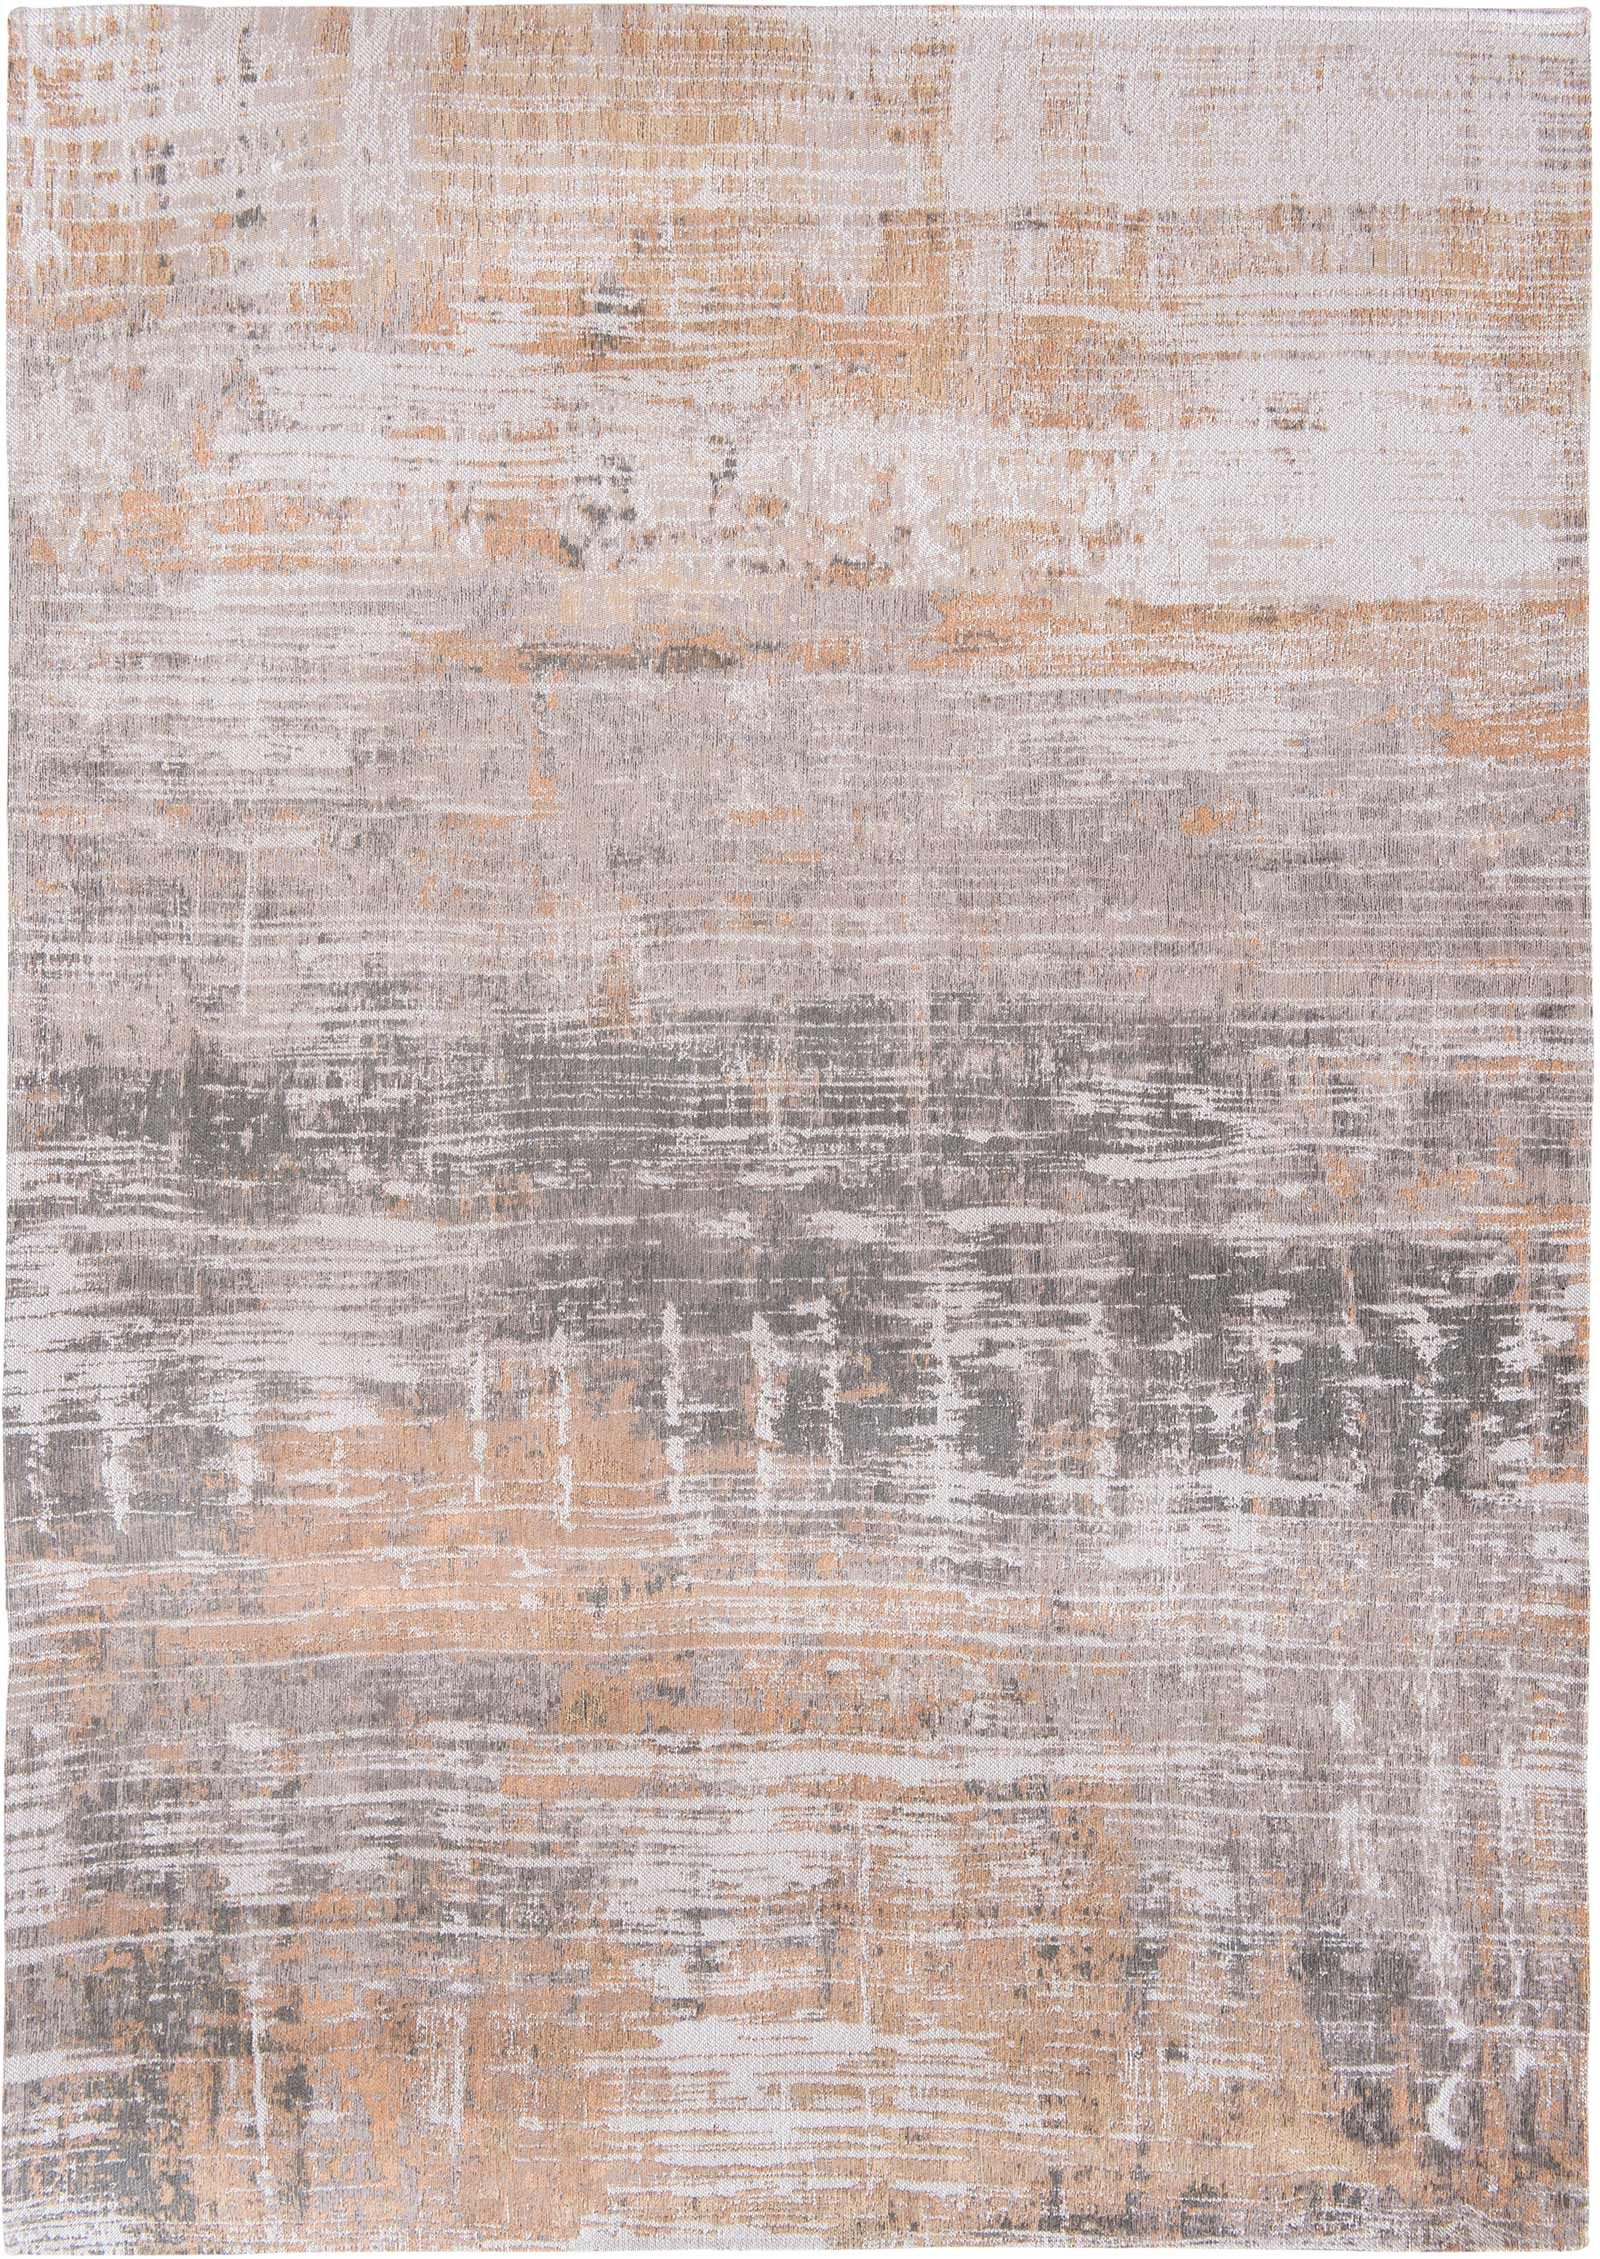 alfombras Louis De Poortere LX8717 Atlantic Streaks Parsons Powder